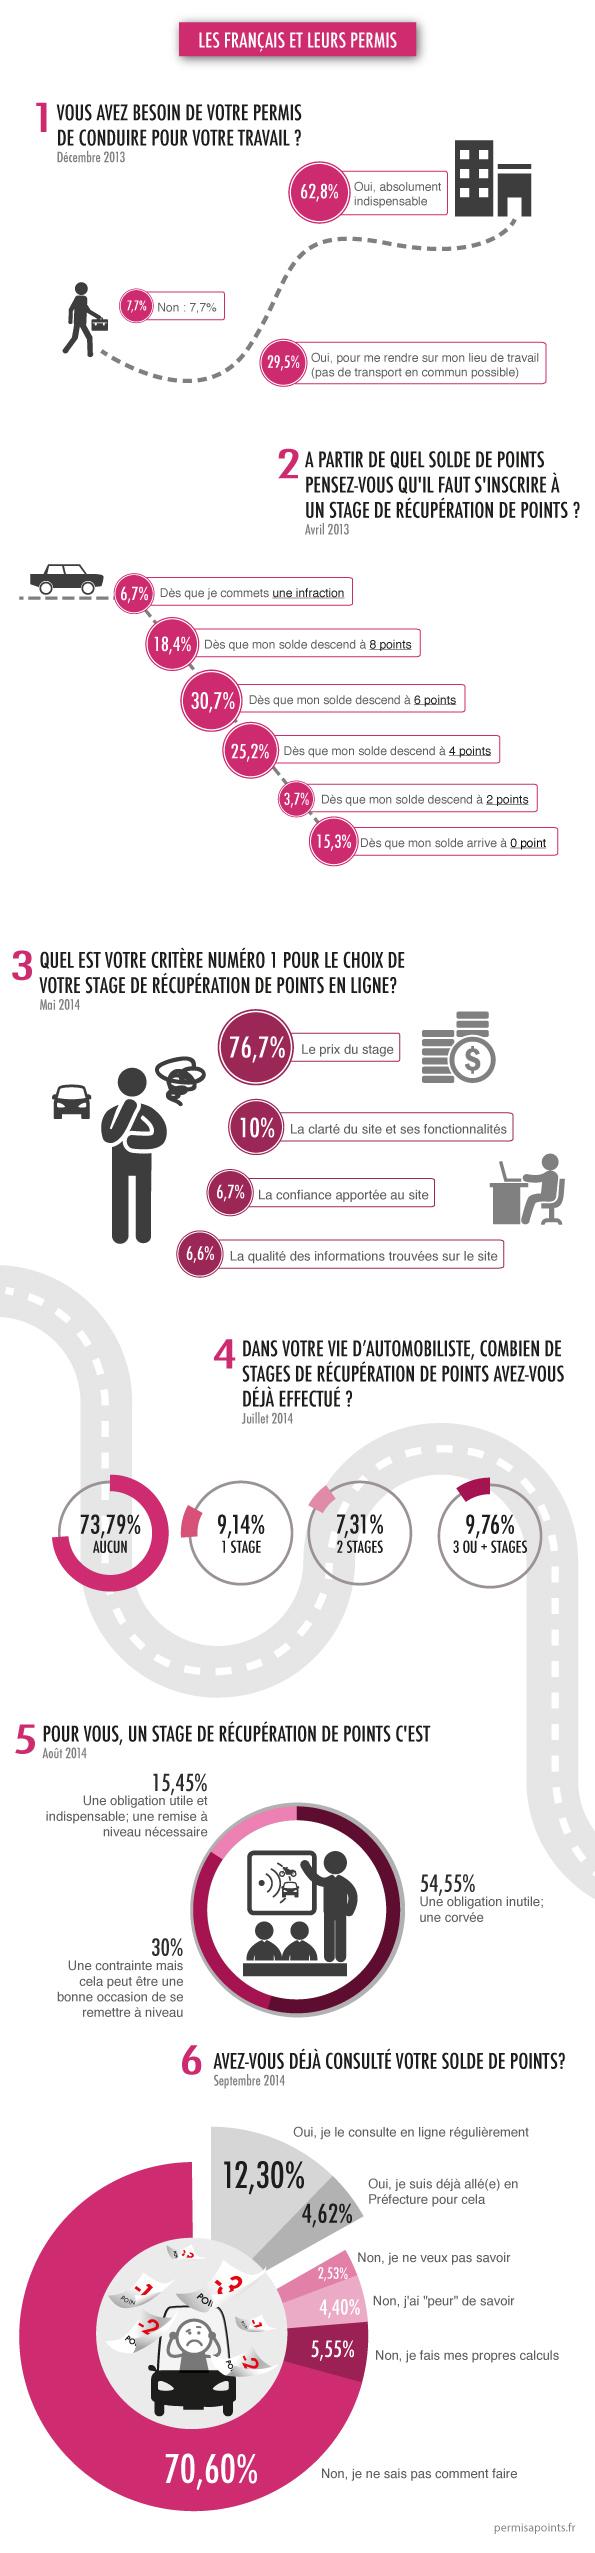 infographie : les français et leur permis de conduire